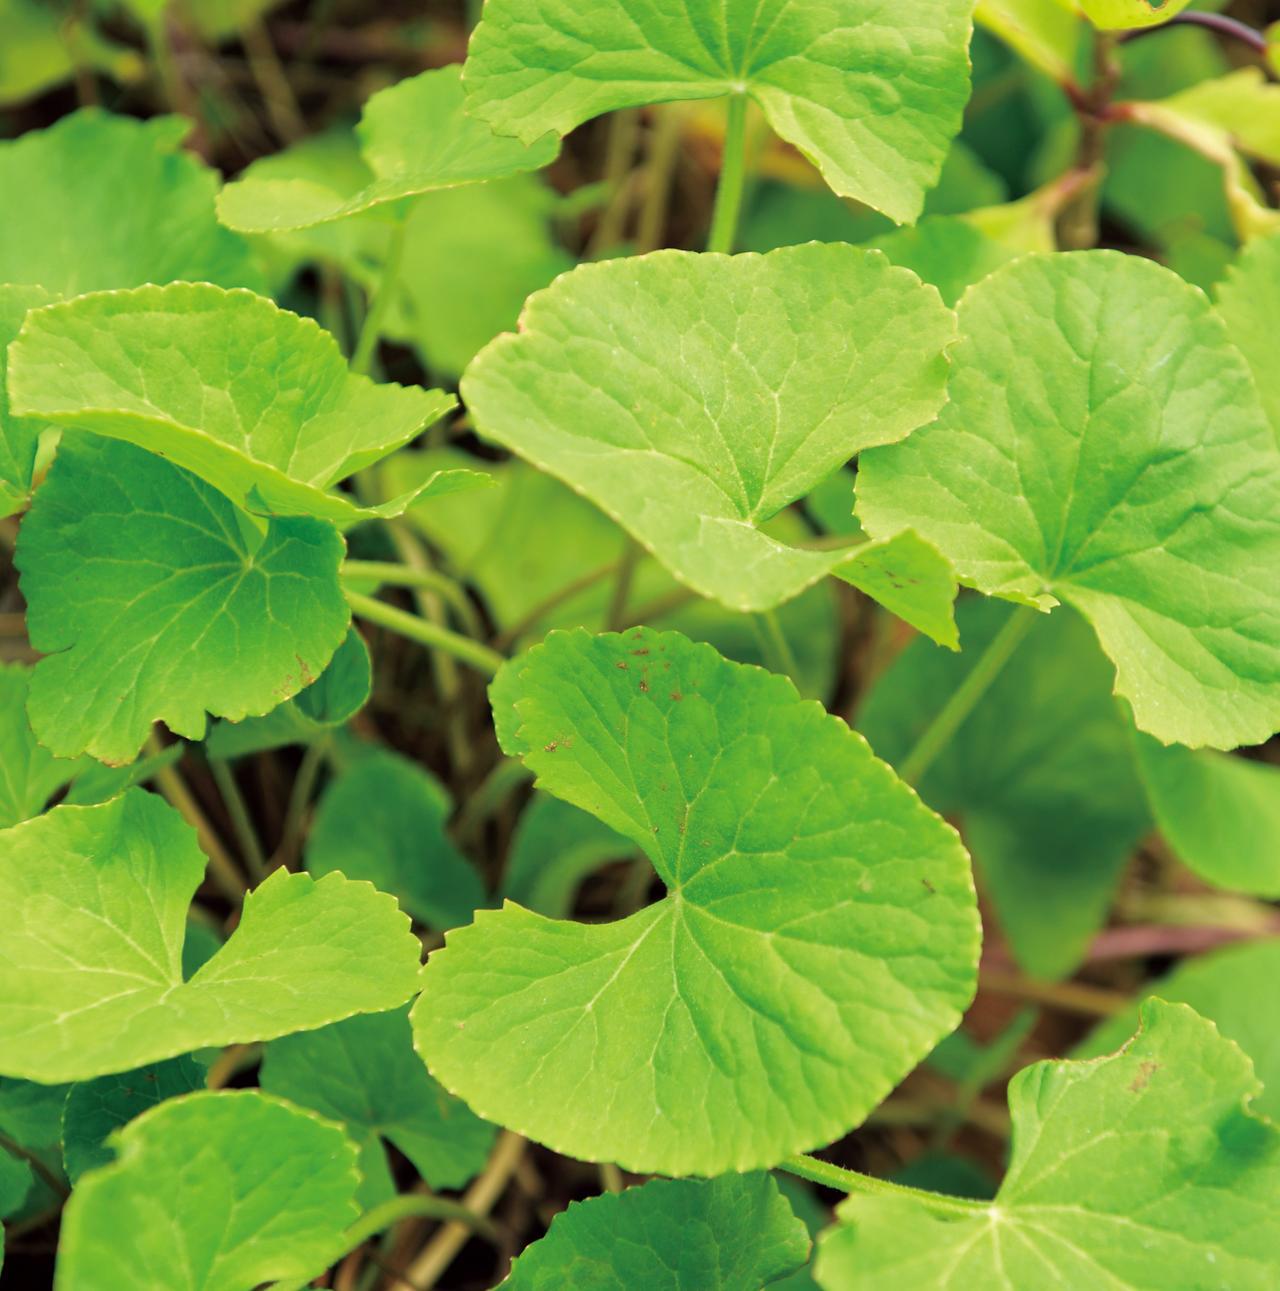 画像: ゴツコーラ セリ科で、和名はツボクサ。インド伝統医学のアーユルヴェーダでも古くから利用されてきた薬草